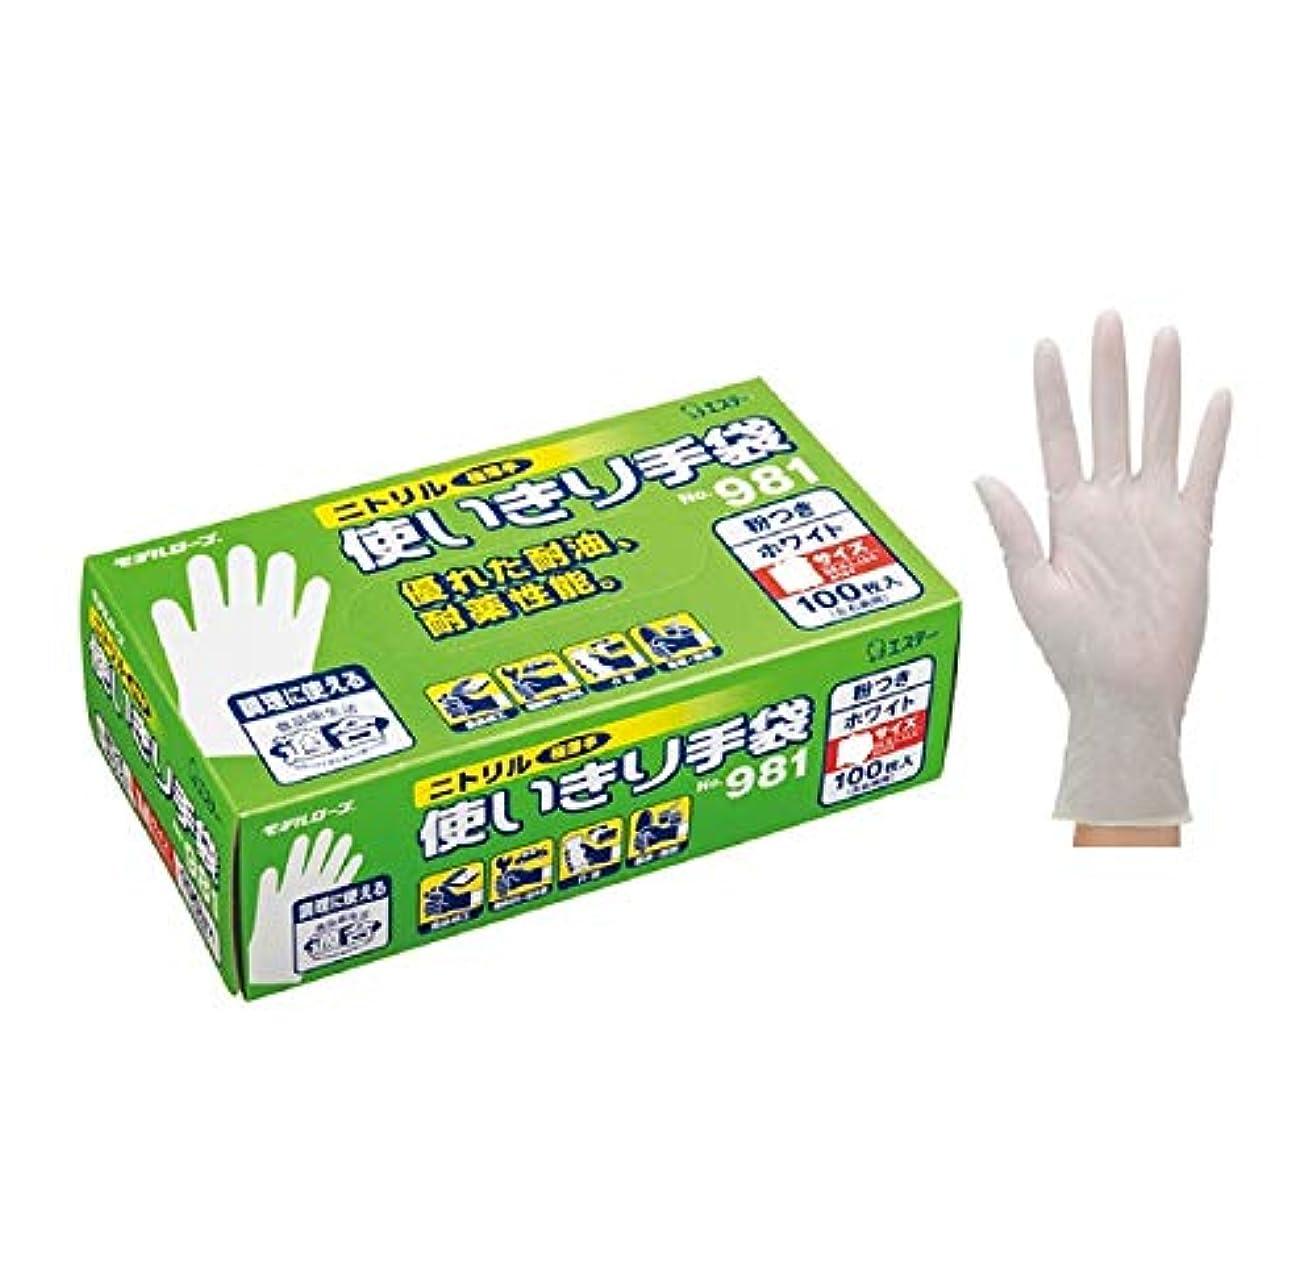 中毒氷販売計画インテリア 日用雑貨 掃除用品 ニトリル手袋 粉付 No981 S 12箱